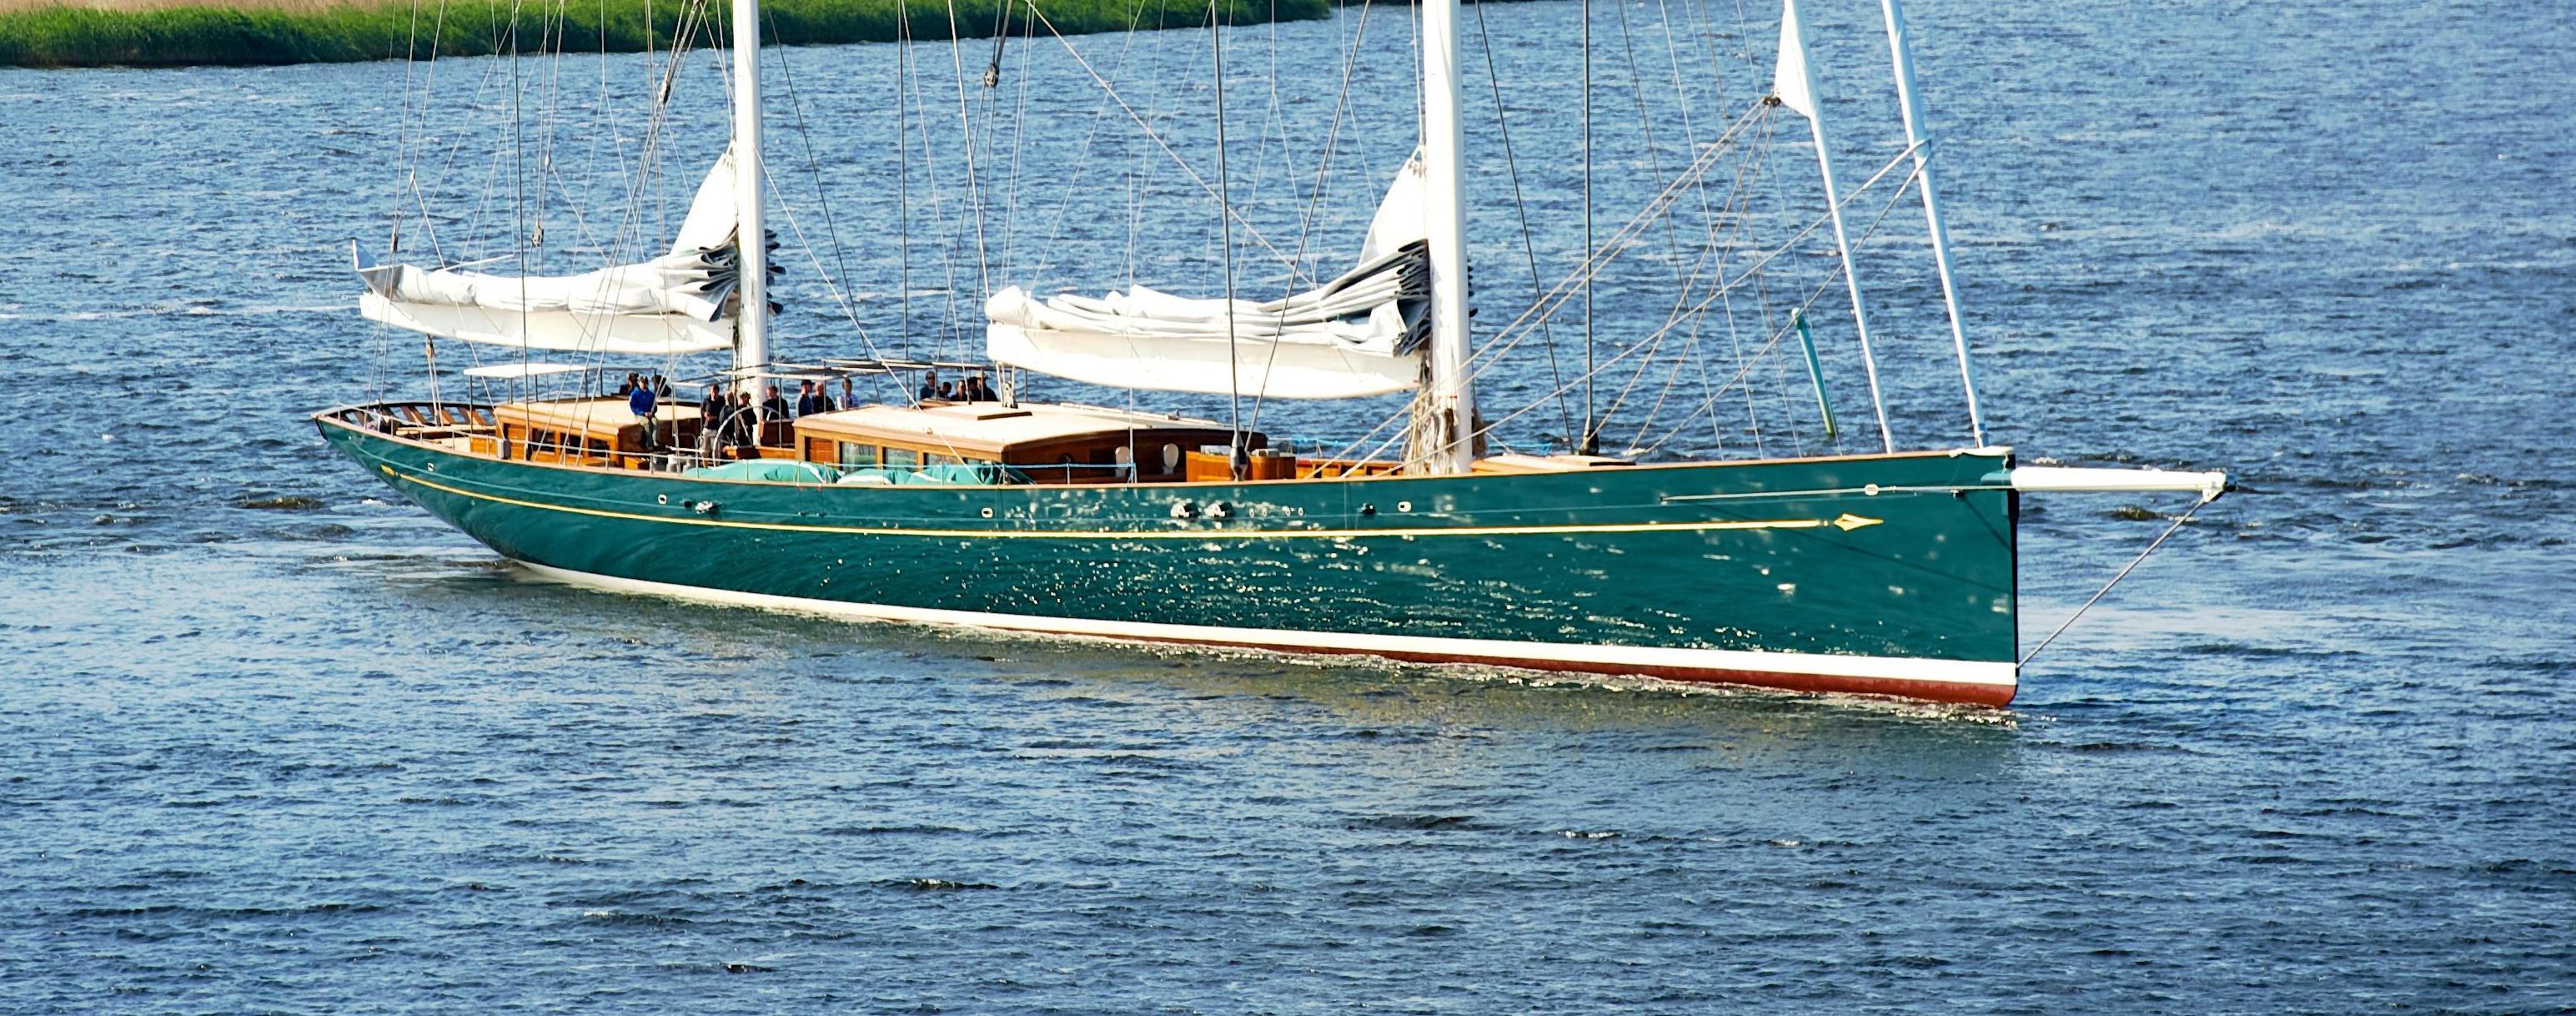 Sailing yacht Hetairos — Yacht Charter & Superyacht News